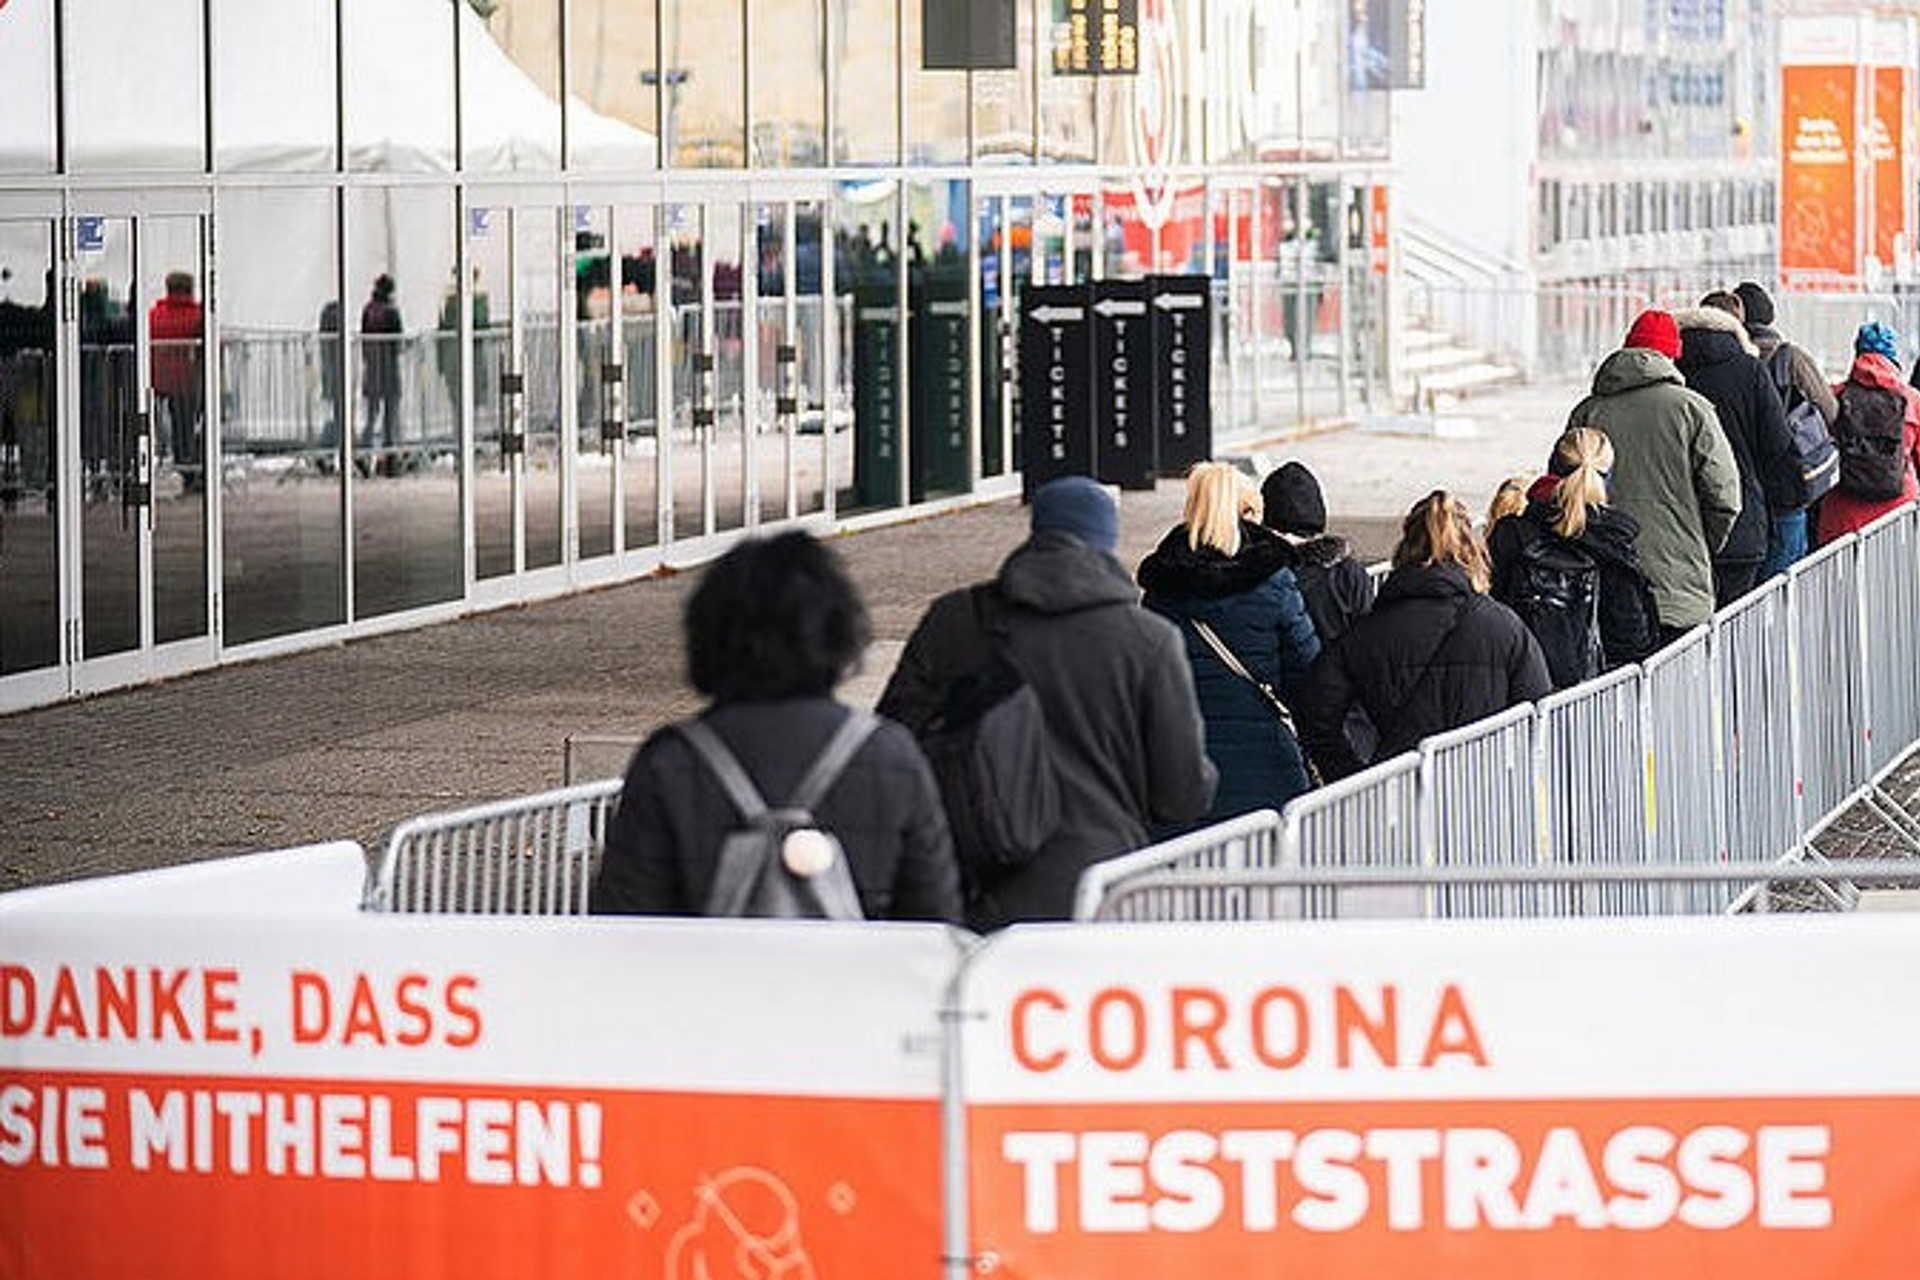 Ausztria teszt